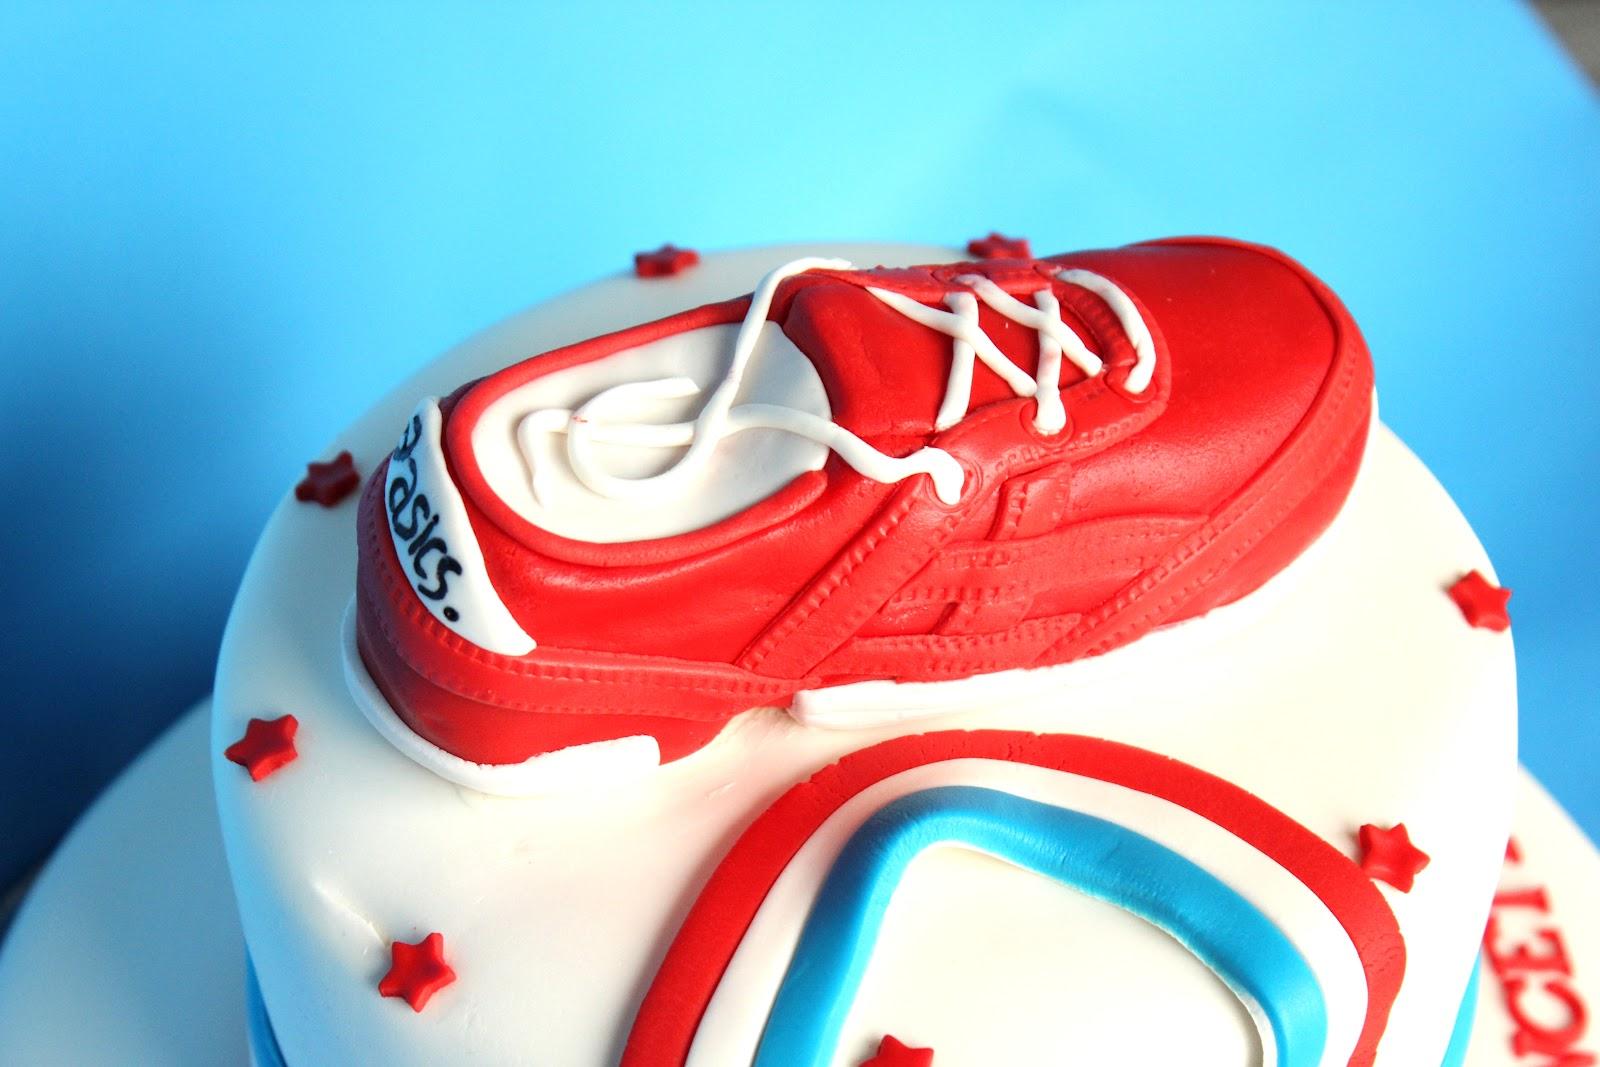 Heavenly Bites Cakes Red White Blue Runner 30th Birthday Cake